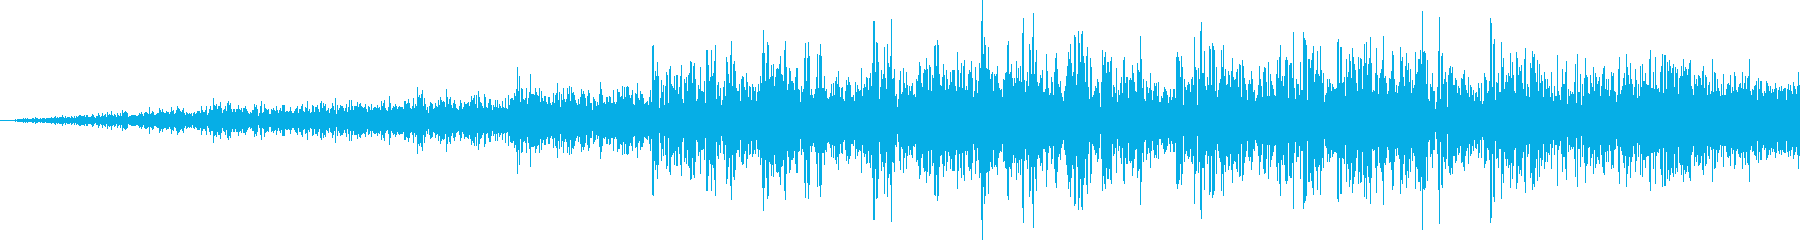 ヒューシュリバースクイックノイズモーターの再生済みの波形